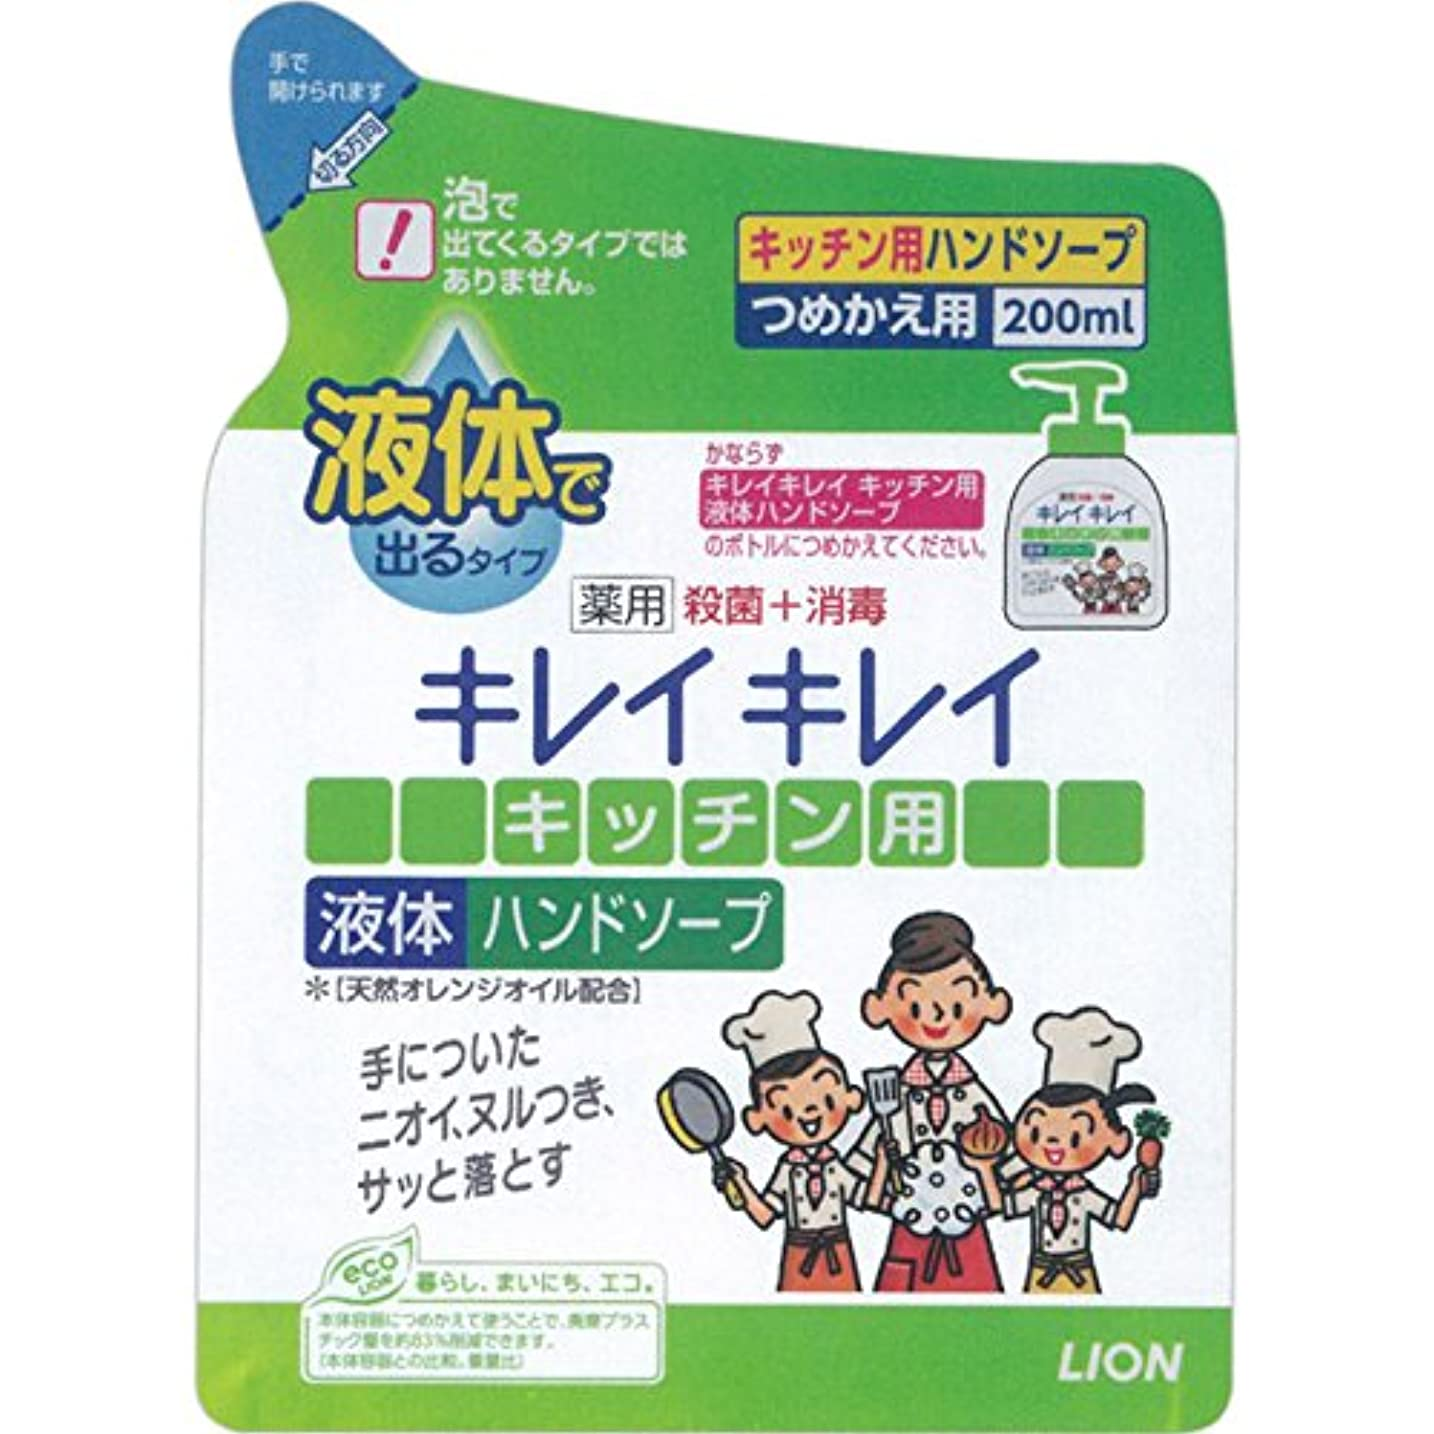 研磨古風な致命的なキレイキレイ 薬用キッチンハンドソープ 詰替用200ml